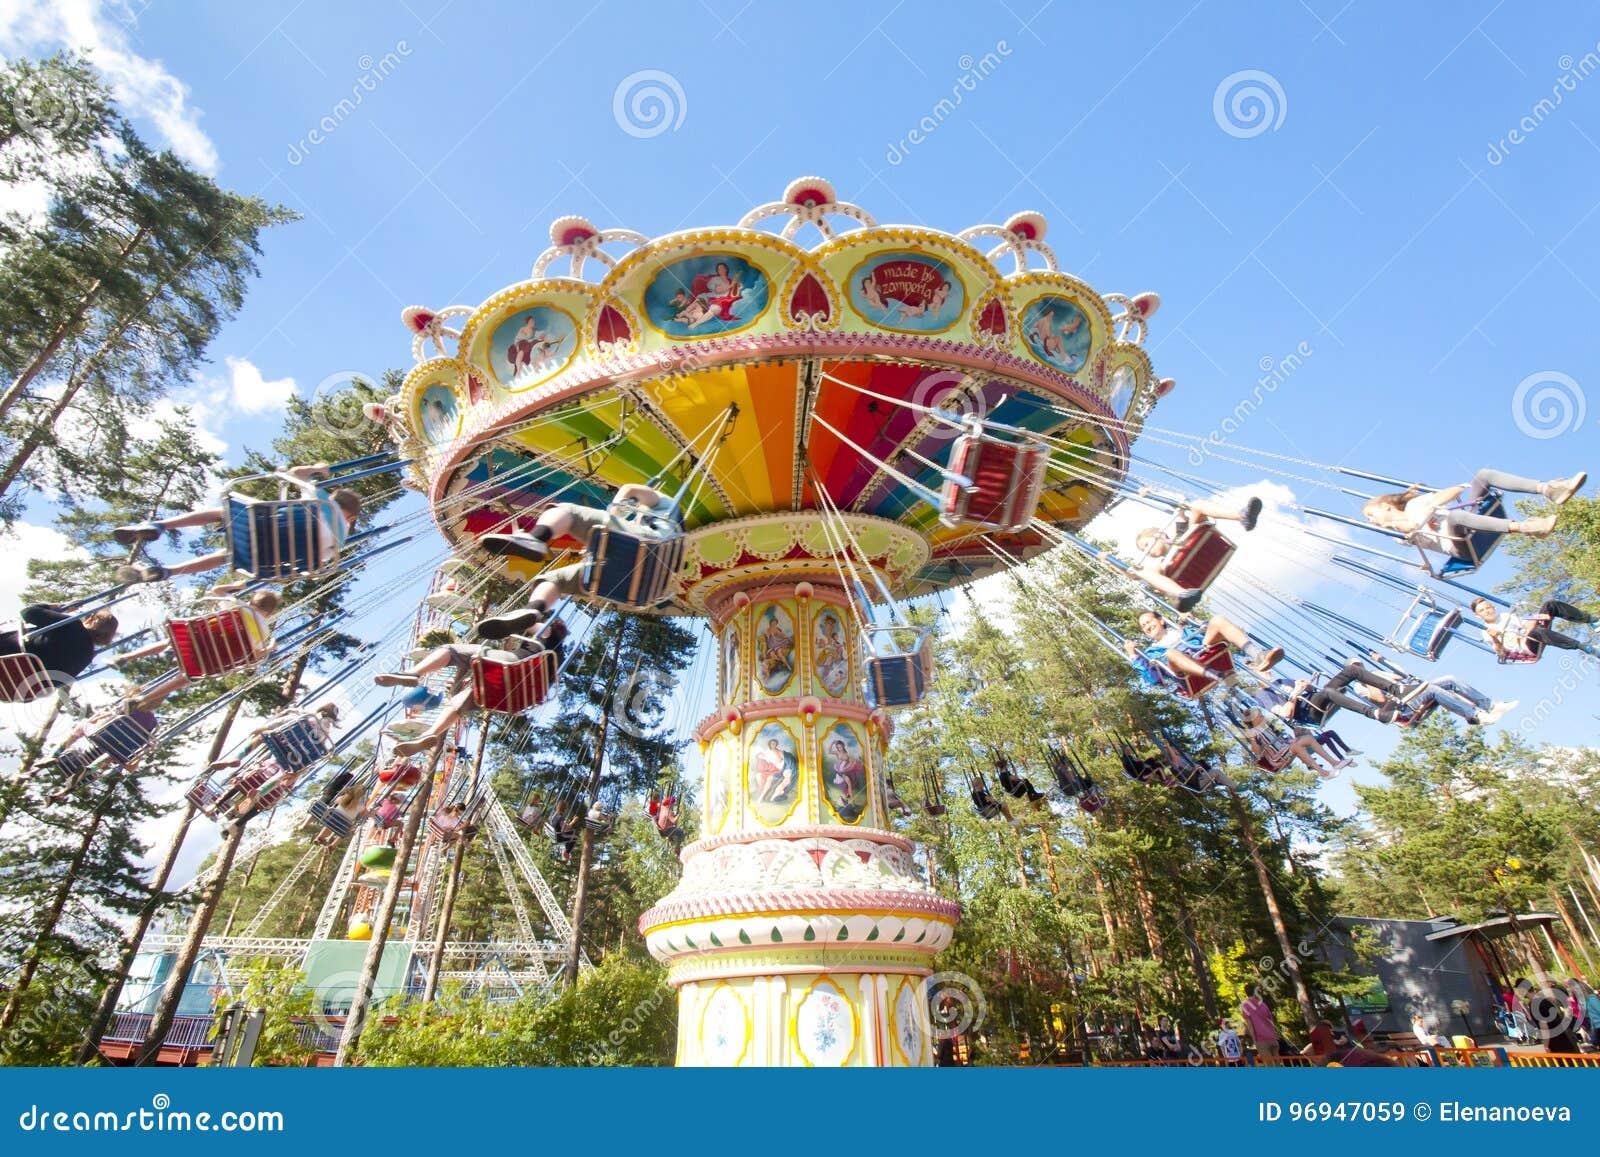 Красочный цепной carousel качания в движении на парке атракционов на предпосылке голубого неба